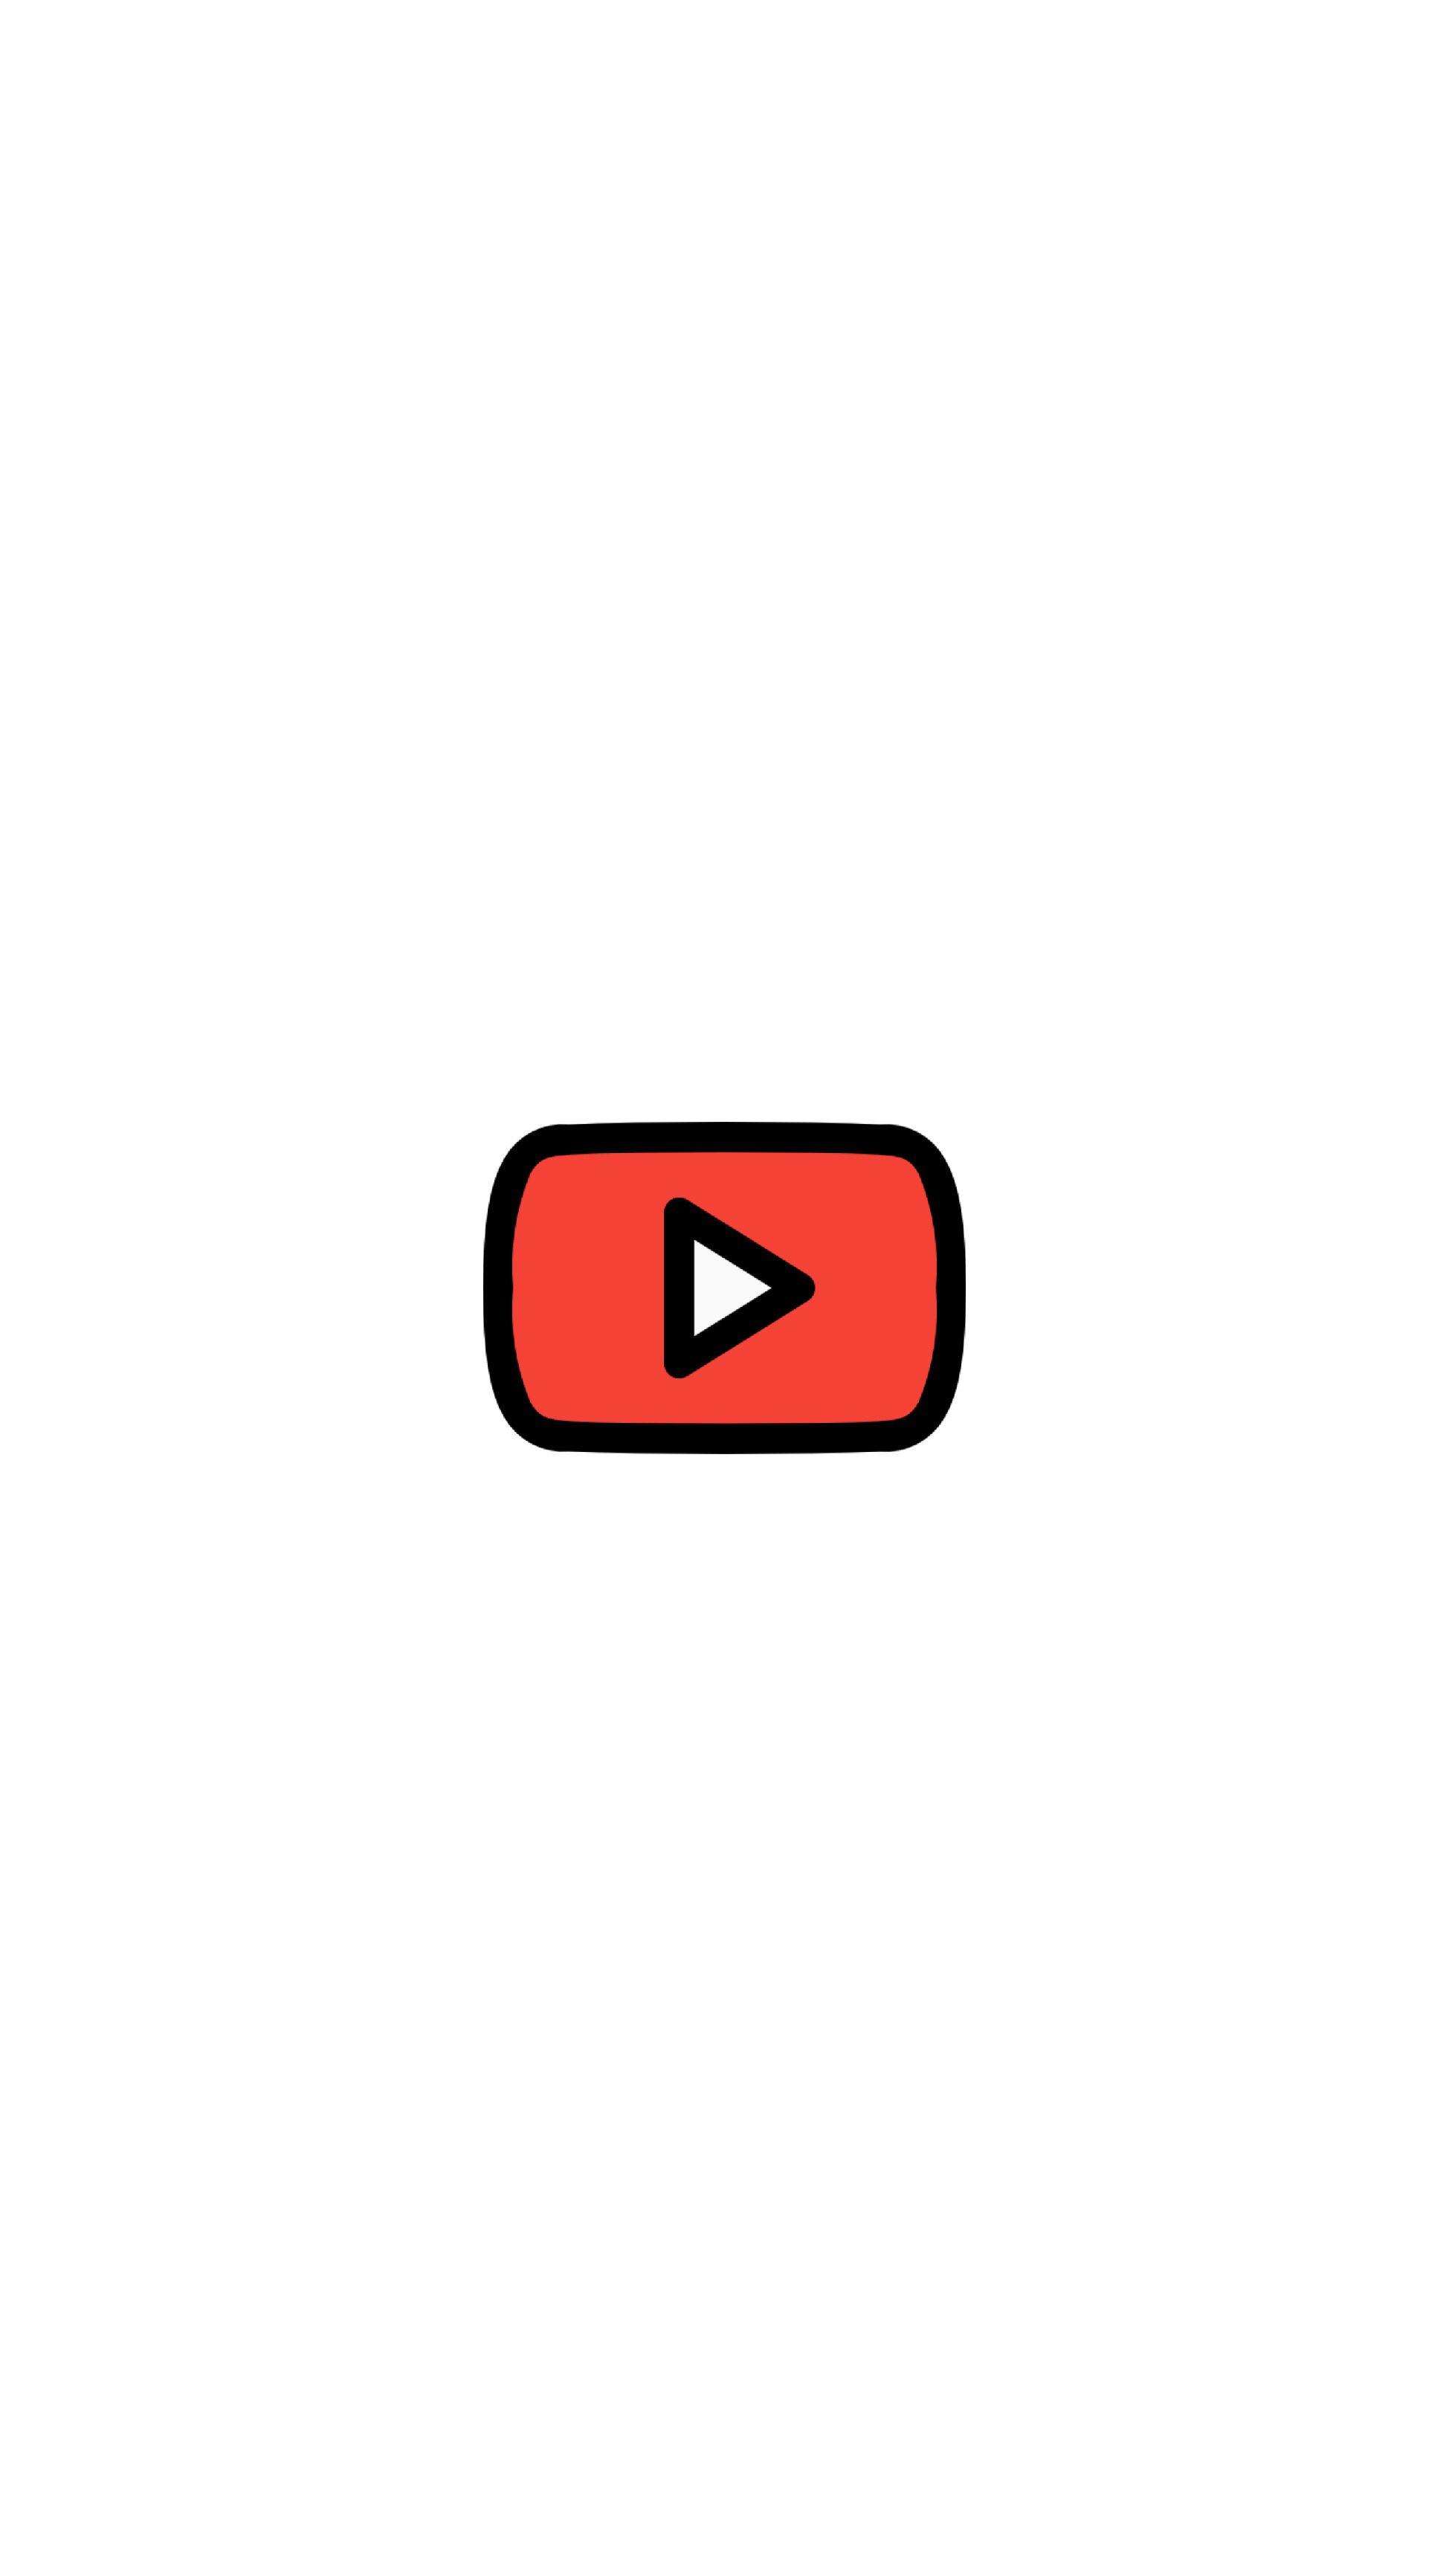 Youtube Dicas De Gravacao Conteudo E Muito Mais Sejam Bem